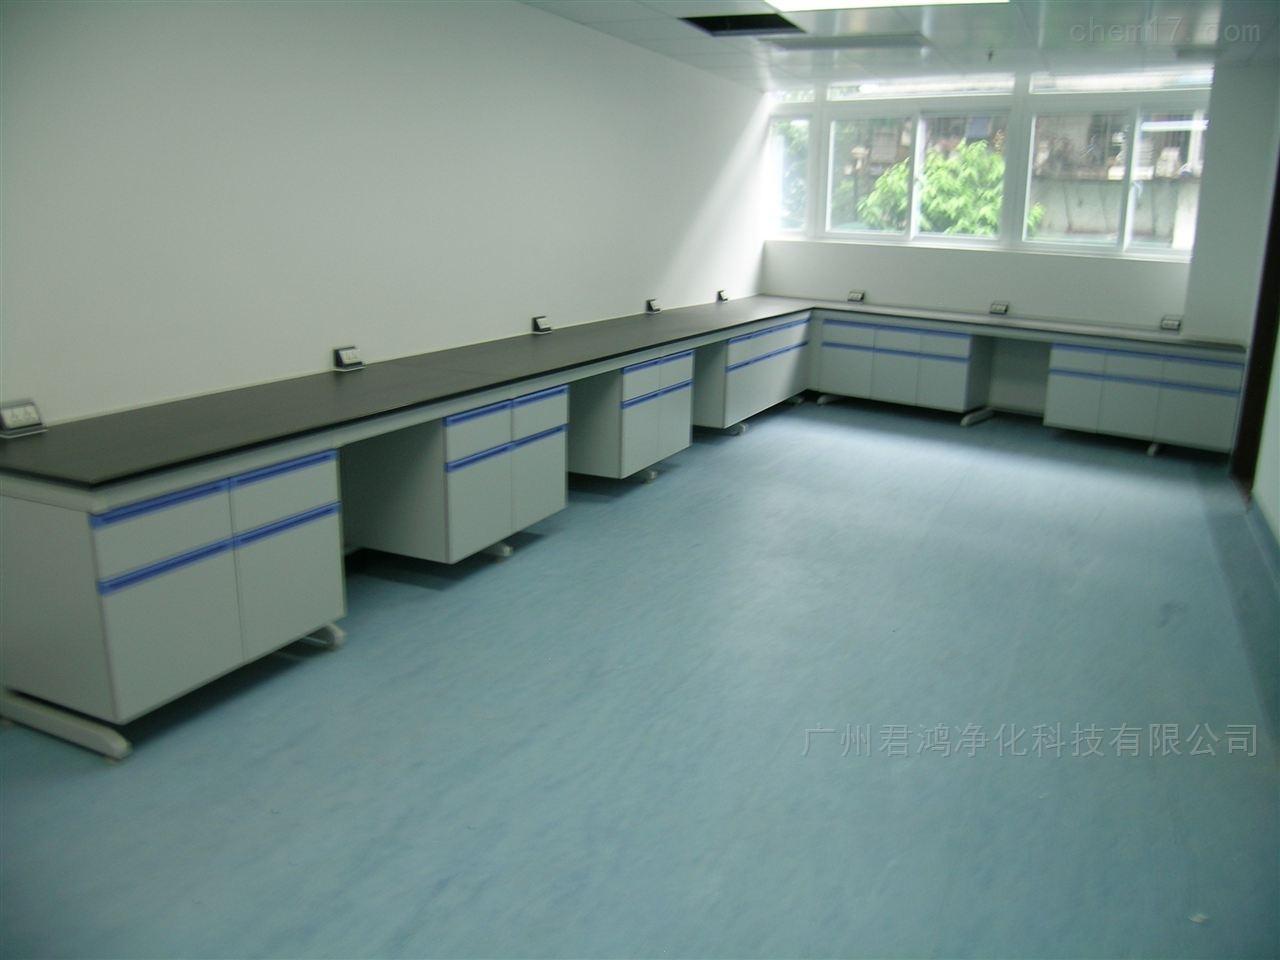 北安铝木转角实验边台实用节省空间